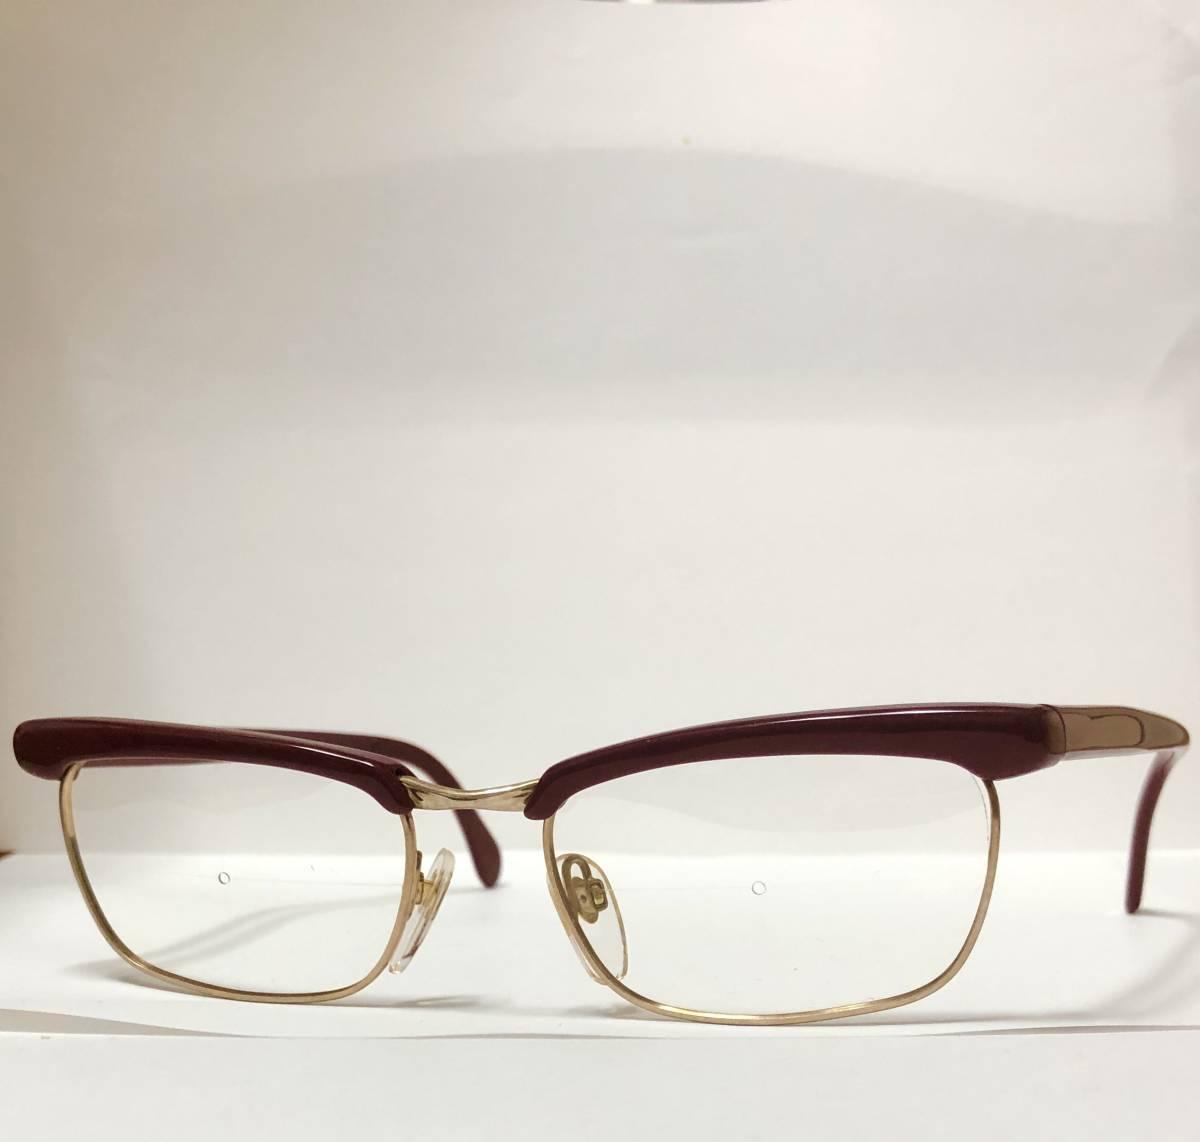 1960年代・新品】西ドイツ製ローデンストック 純正 Rodenstock 12K金張 ベッティーナ 赤茶色145サイズ メガネ_画像3